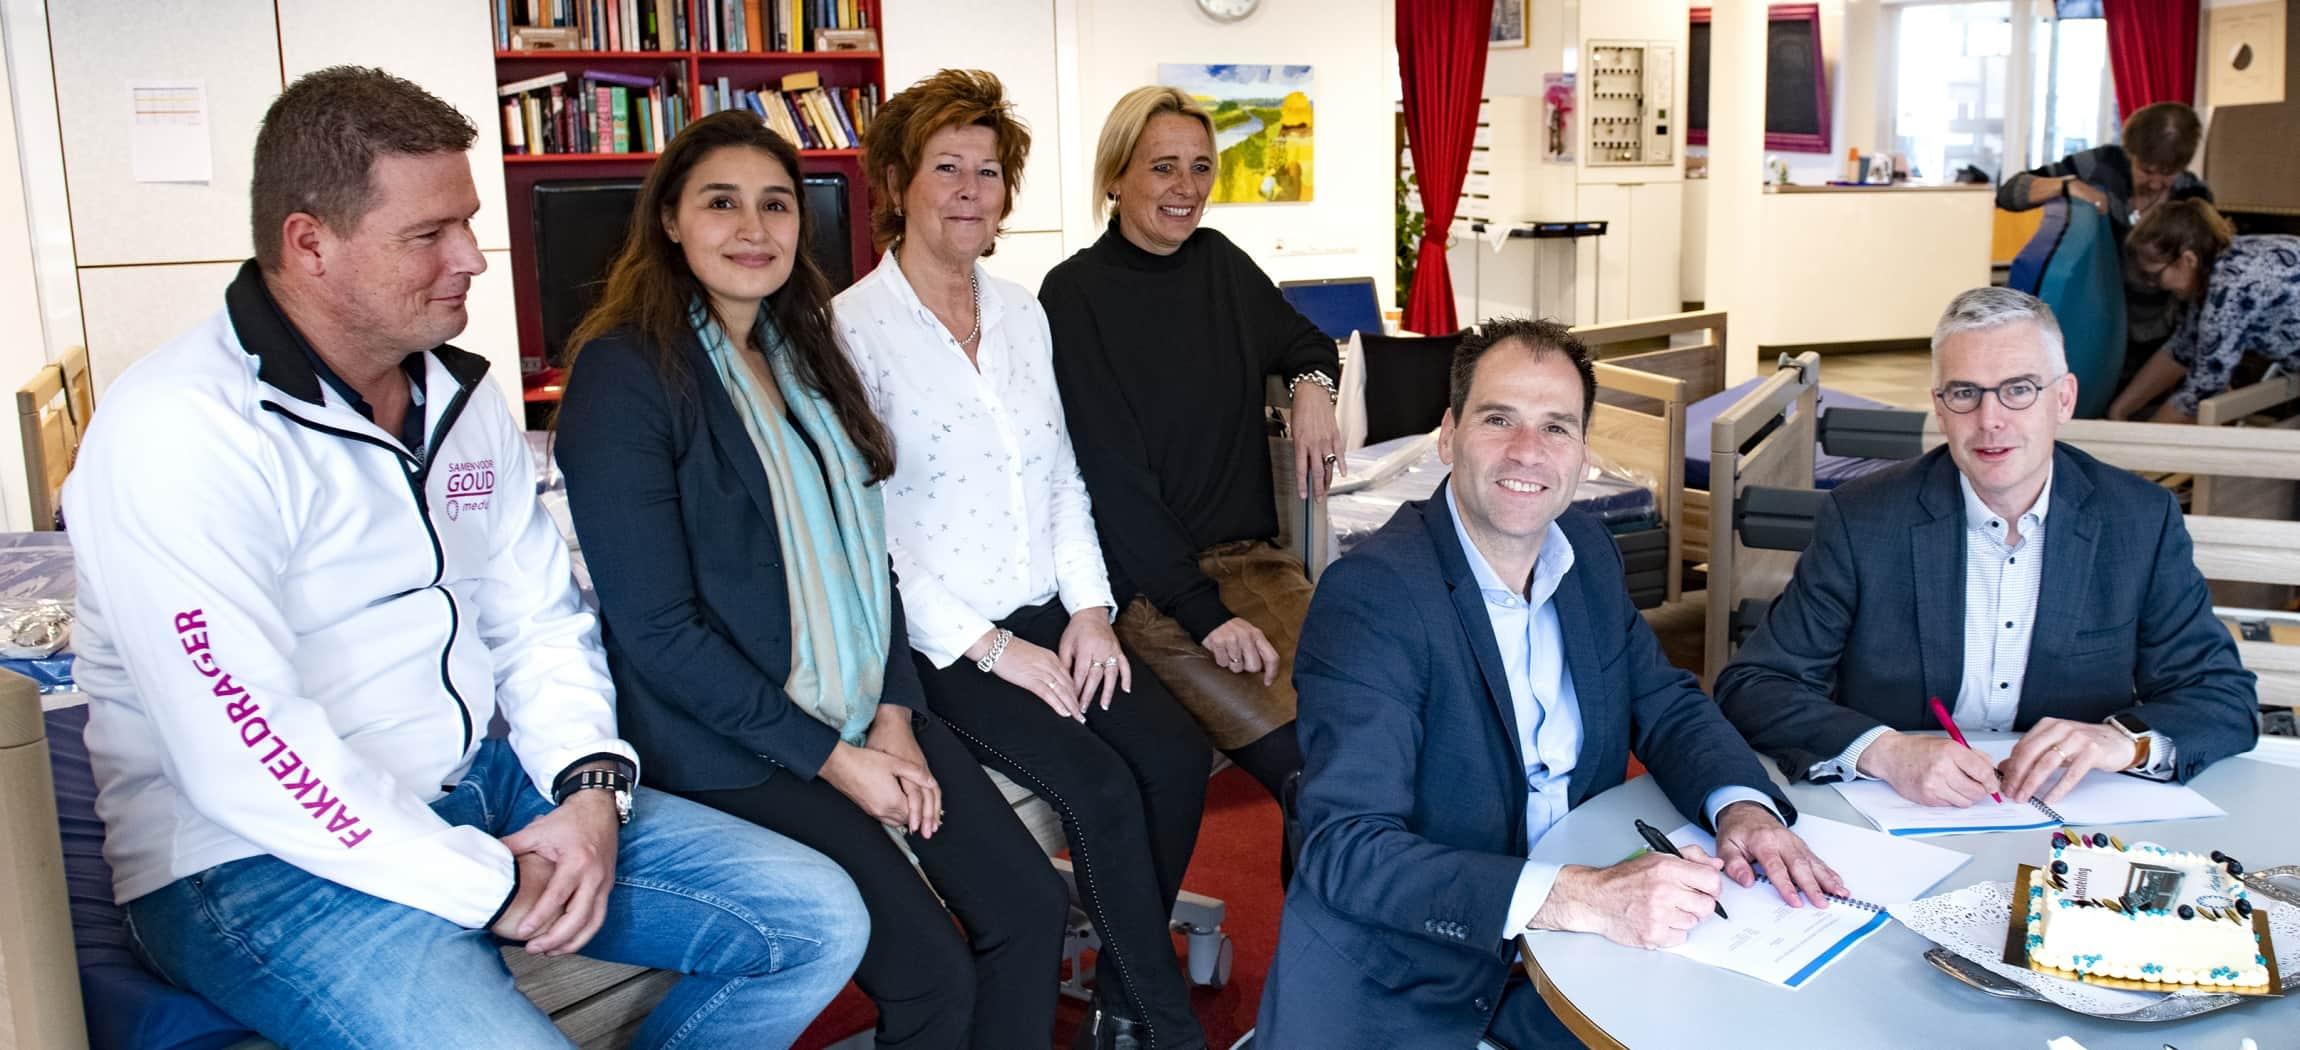 Ondertekening samenwerking Harting-Bank voor 1.400 nieuwe bedden in verpleeghuizen Amstelring